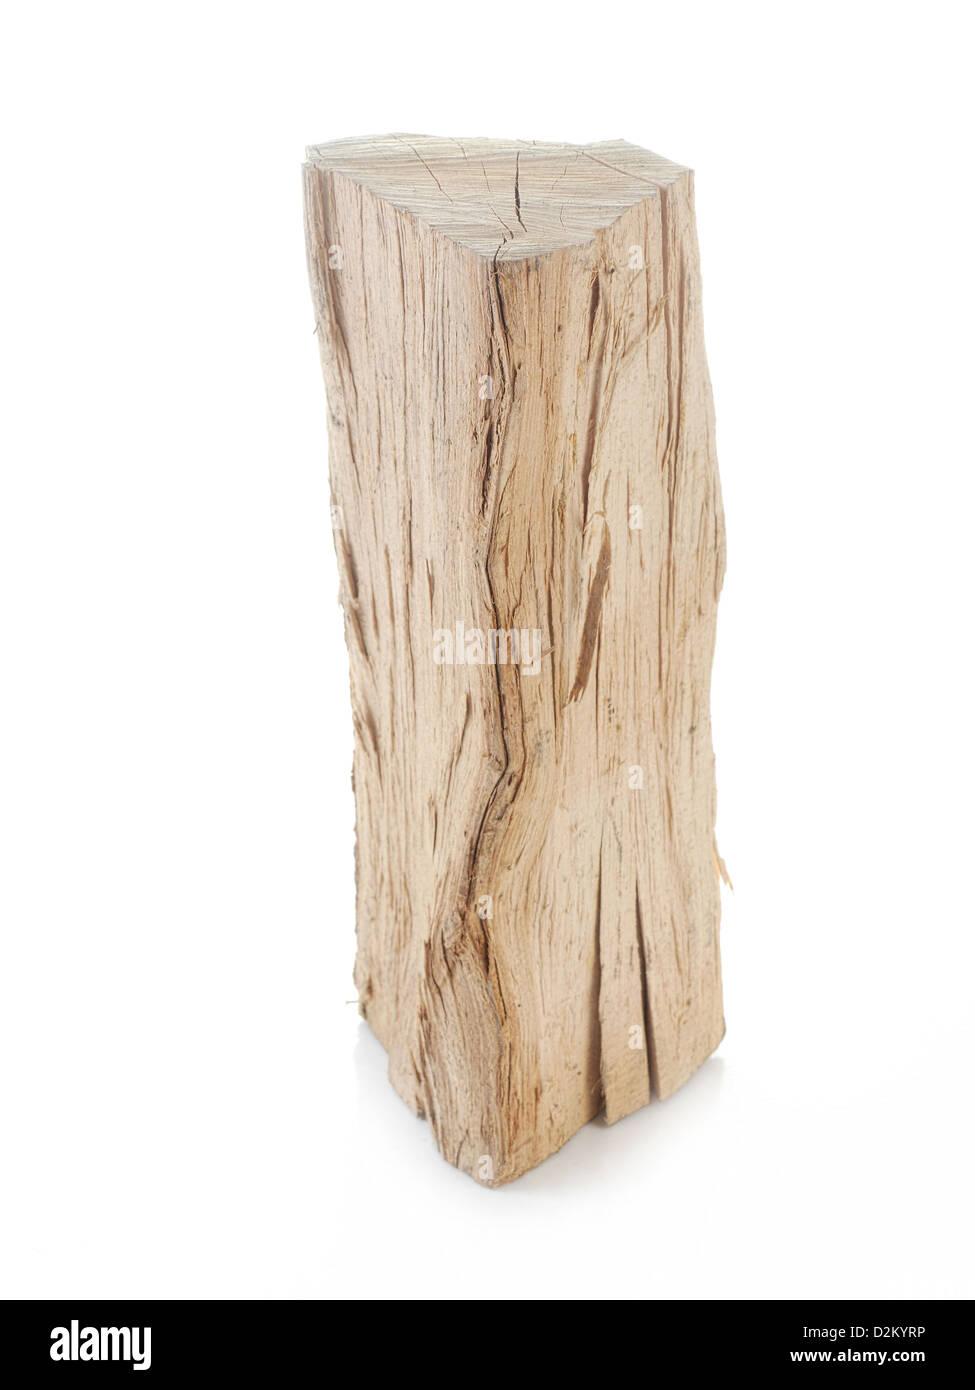 Piece of chopped beechwood shot on white - Stock Image